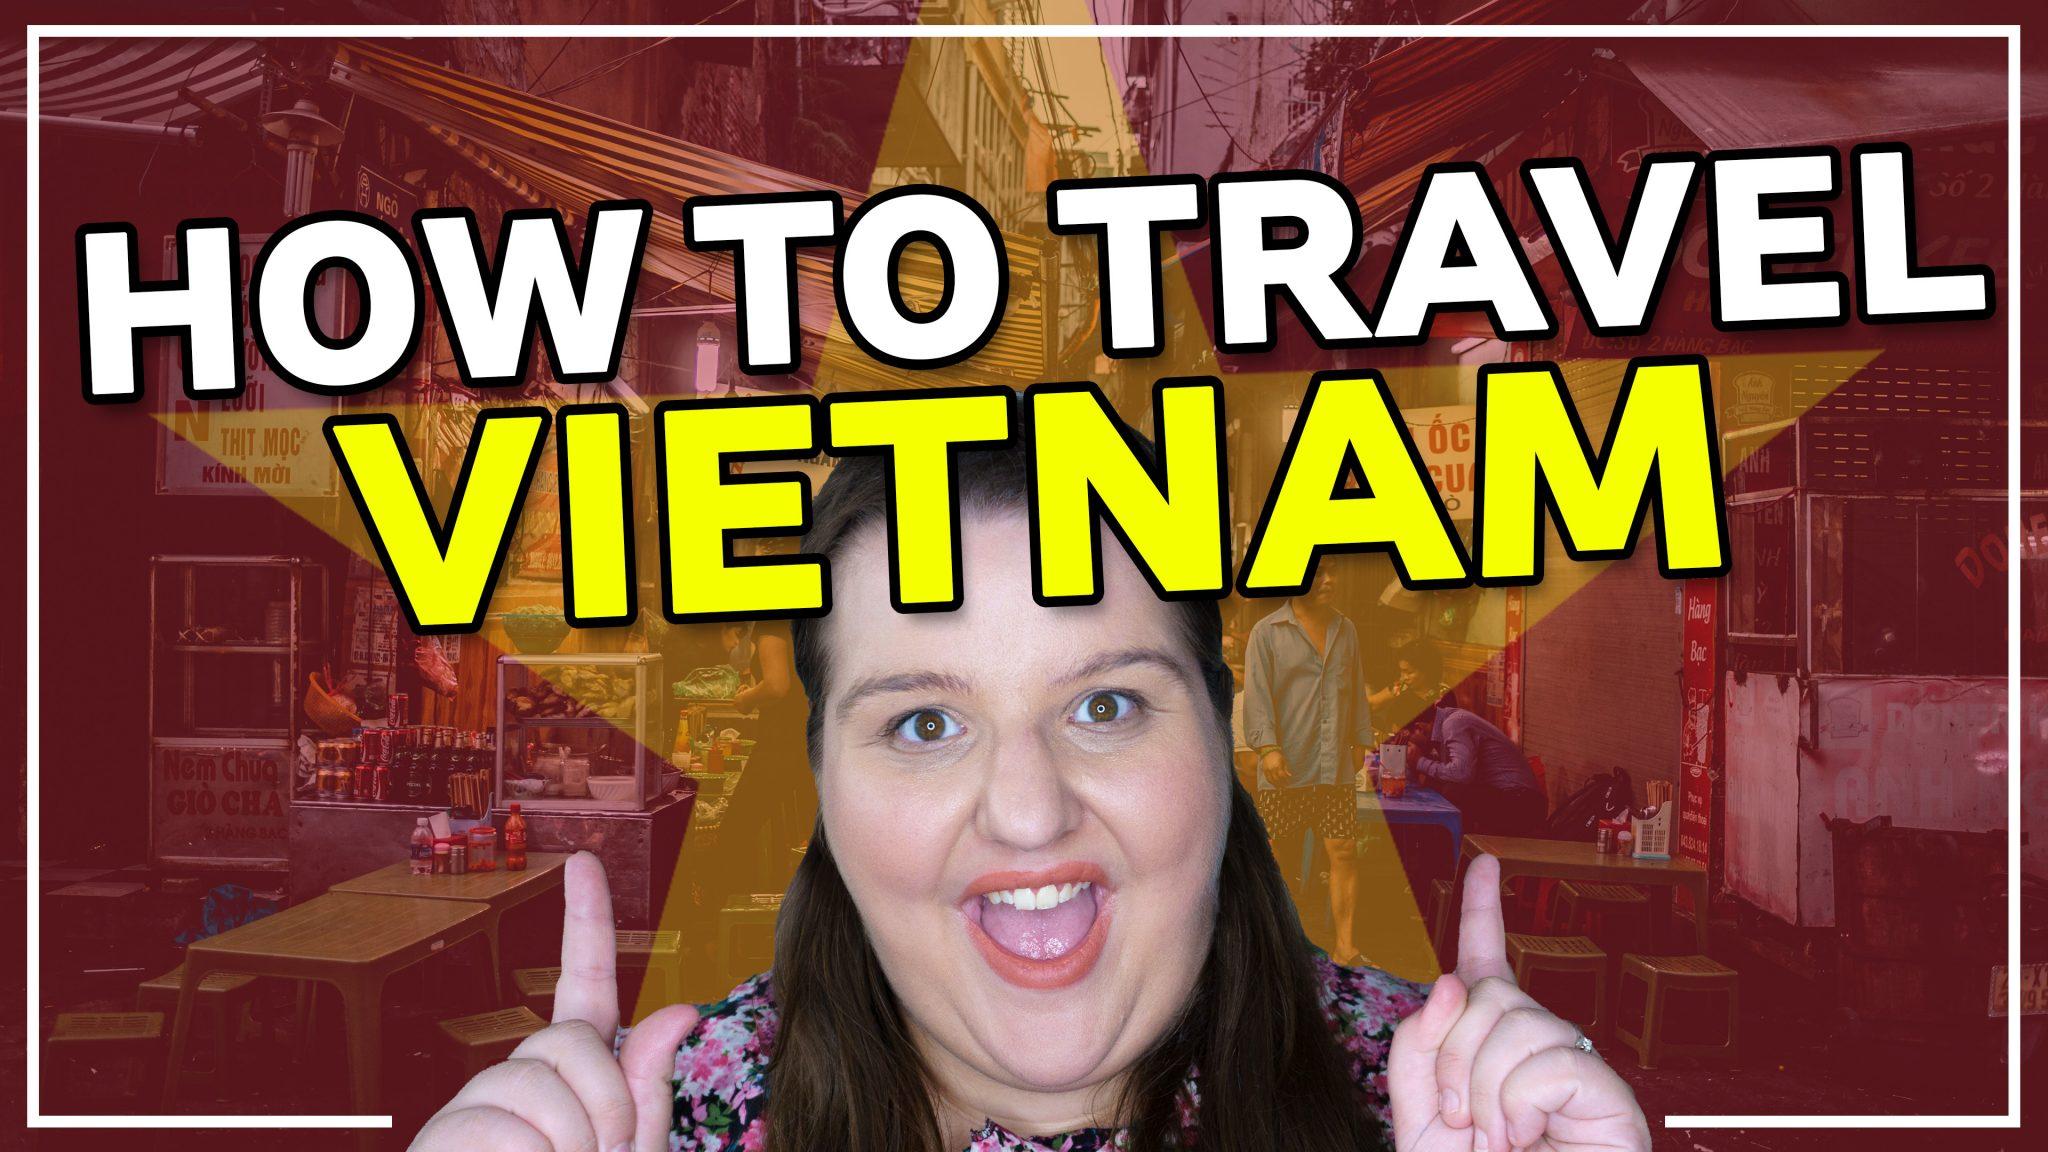 HOW TO TRAVEL AROUND VIETNAM